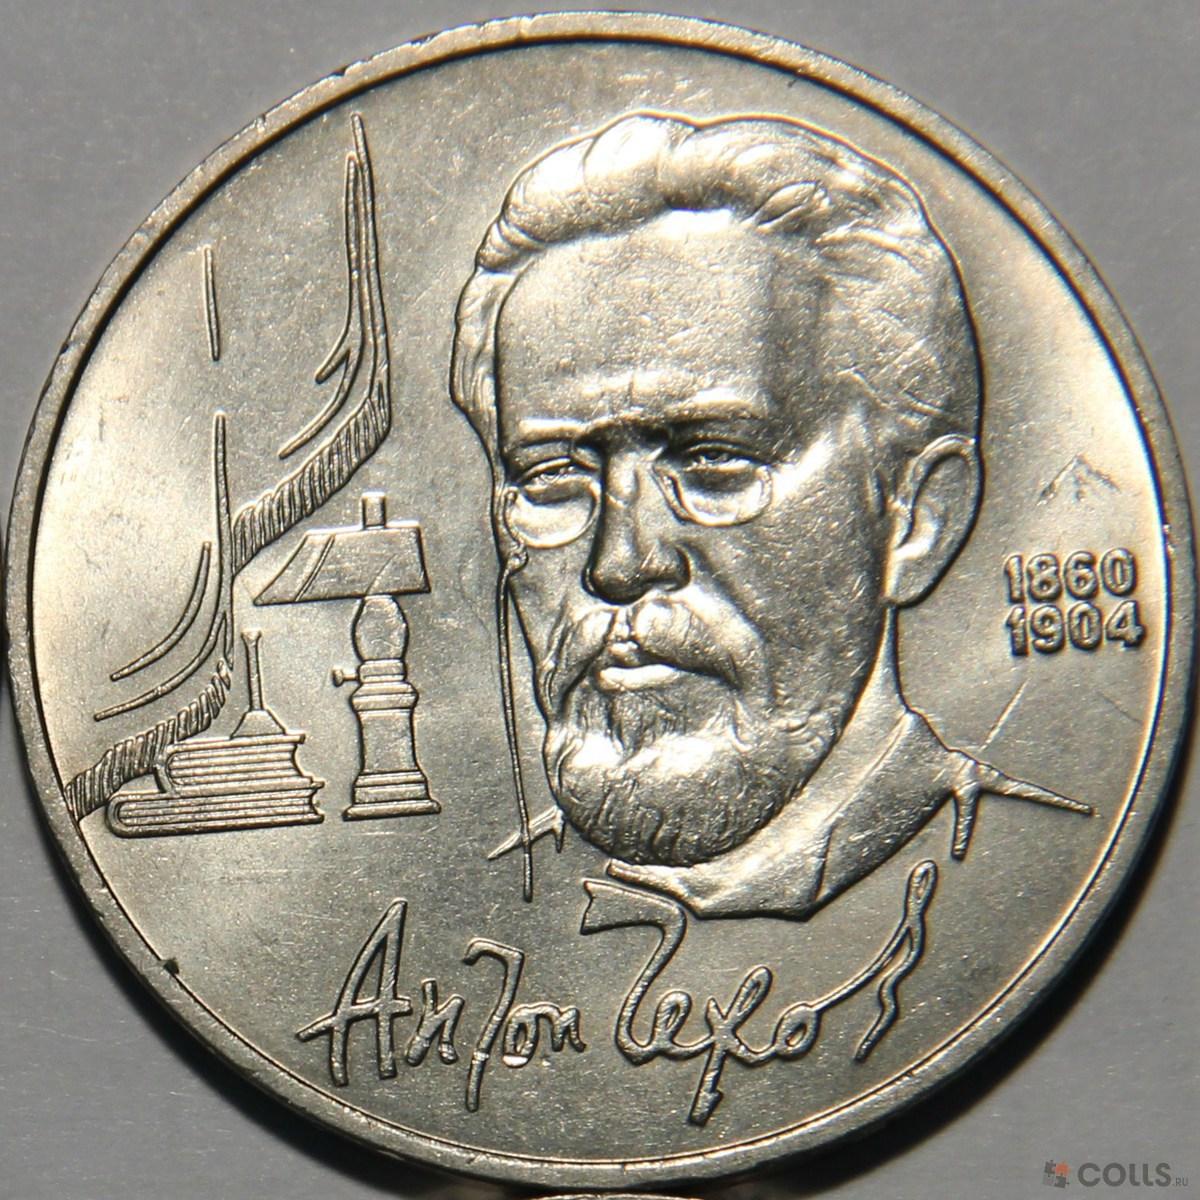 1 рубль чехов 1990 1 руб 1992 года цена